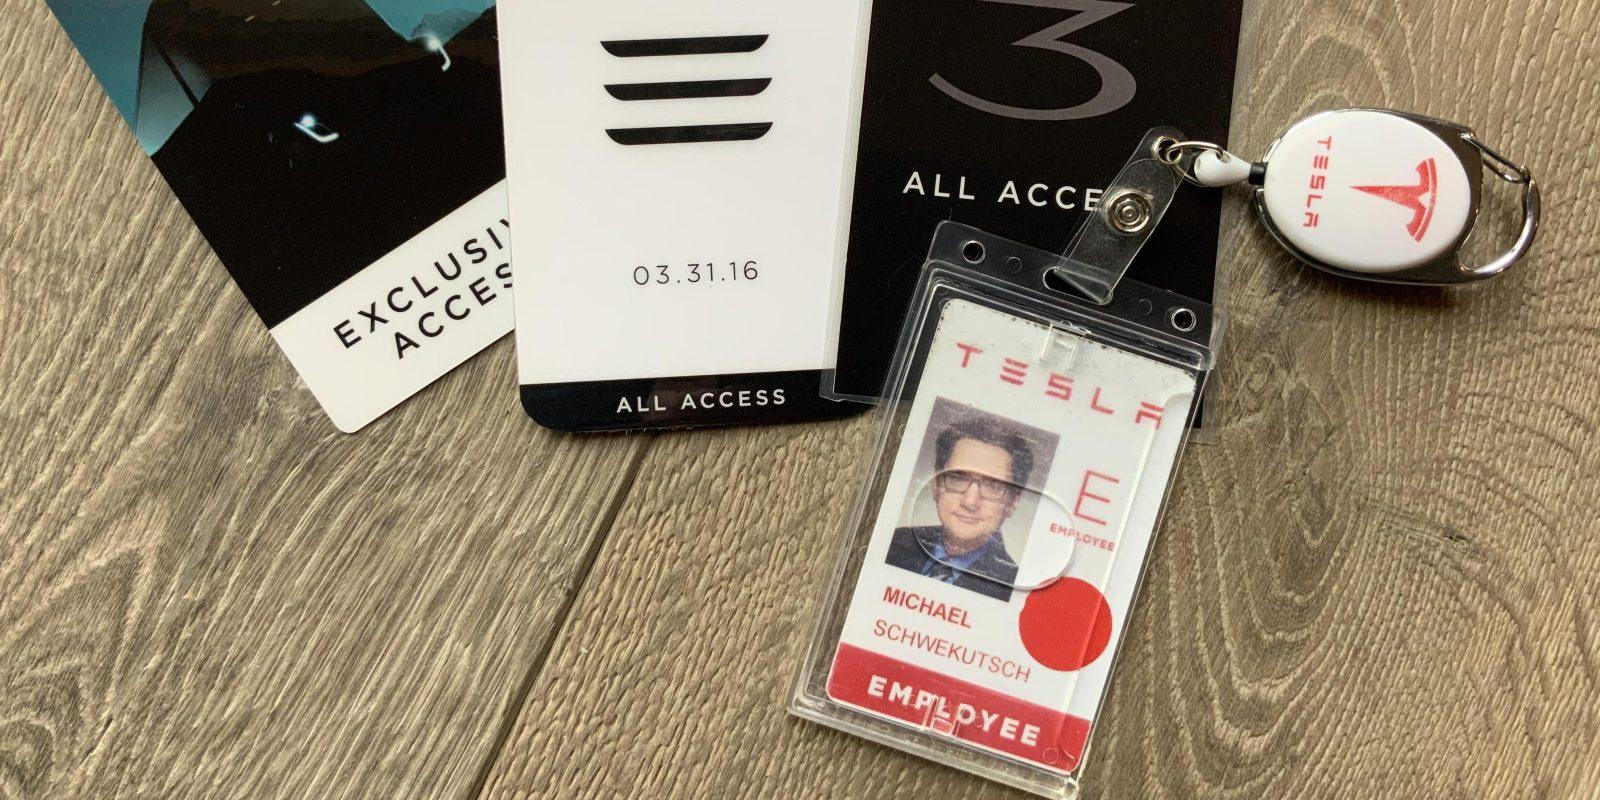 Michael Schwekutsch, former Tesla engineer hired by Apple